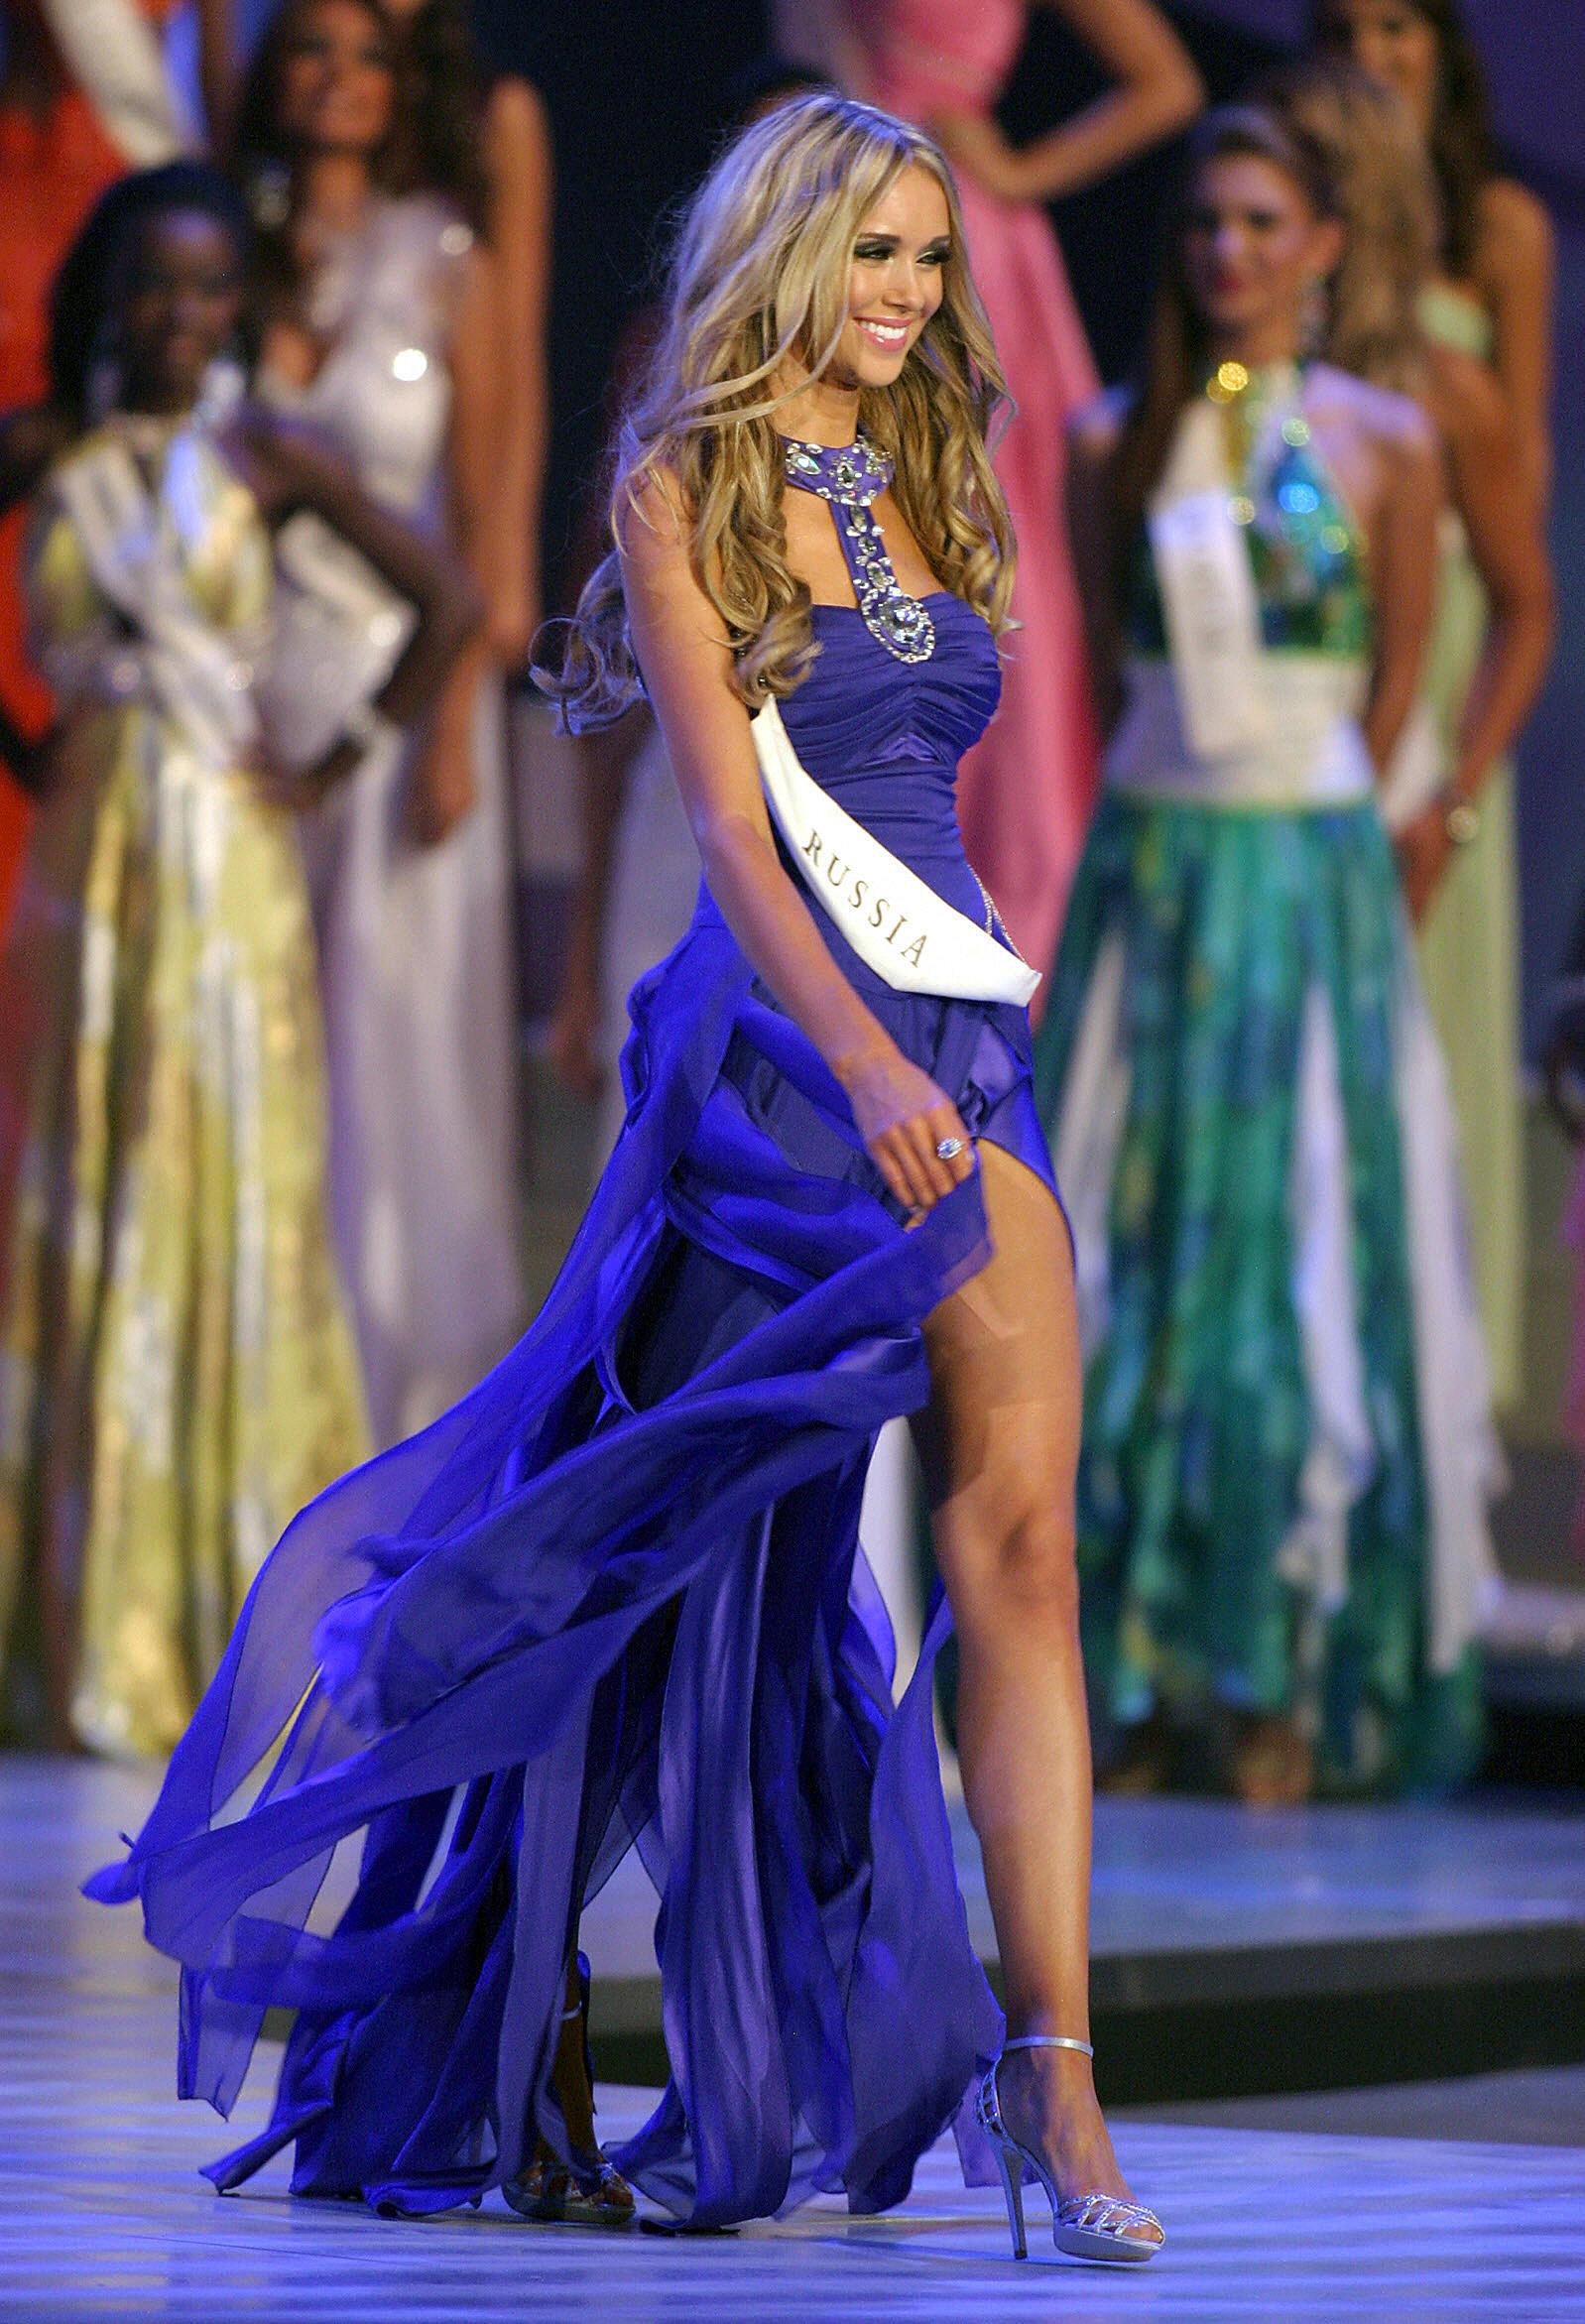 3 Miss World 2008 Kseniya Sukhinova from Russia.